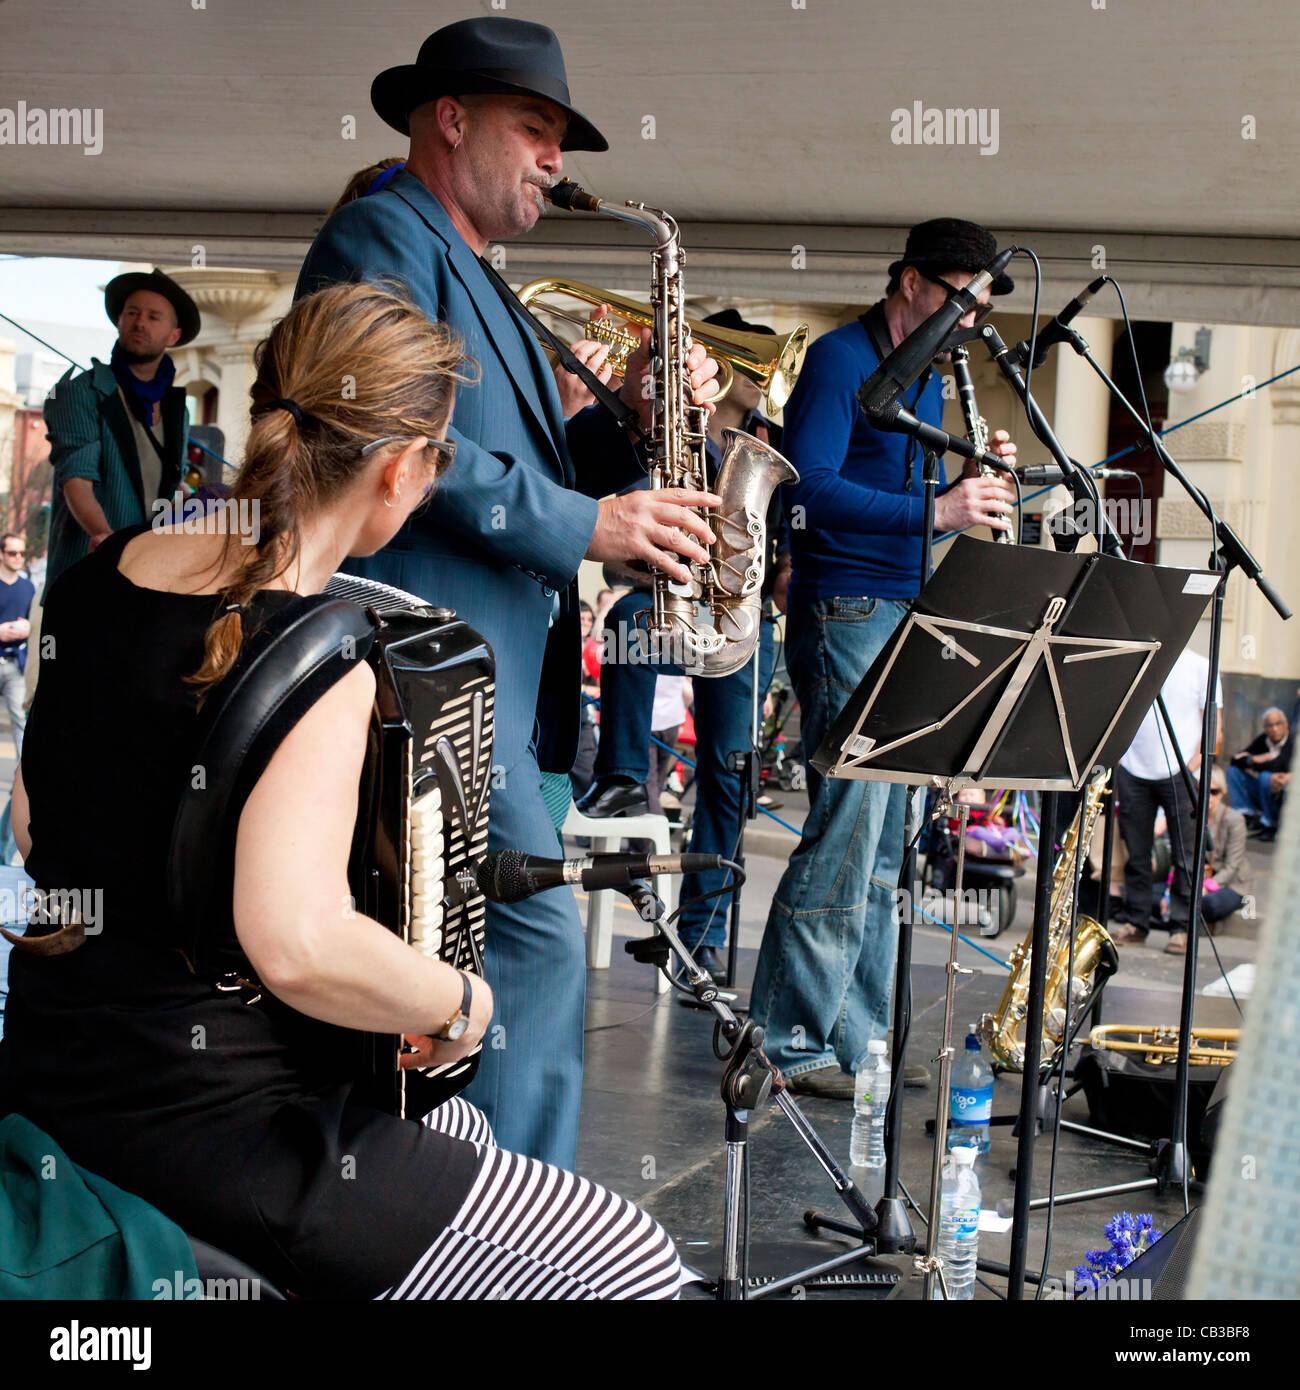 High Noon-Gemeinschaft-Festival ist ein Northcote lokale Musik Fest in Melbourne, Australien-Band spielt auf der Bühne Stockfoto